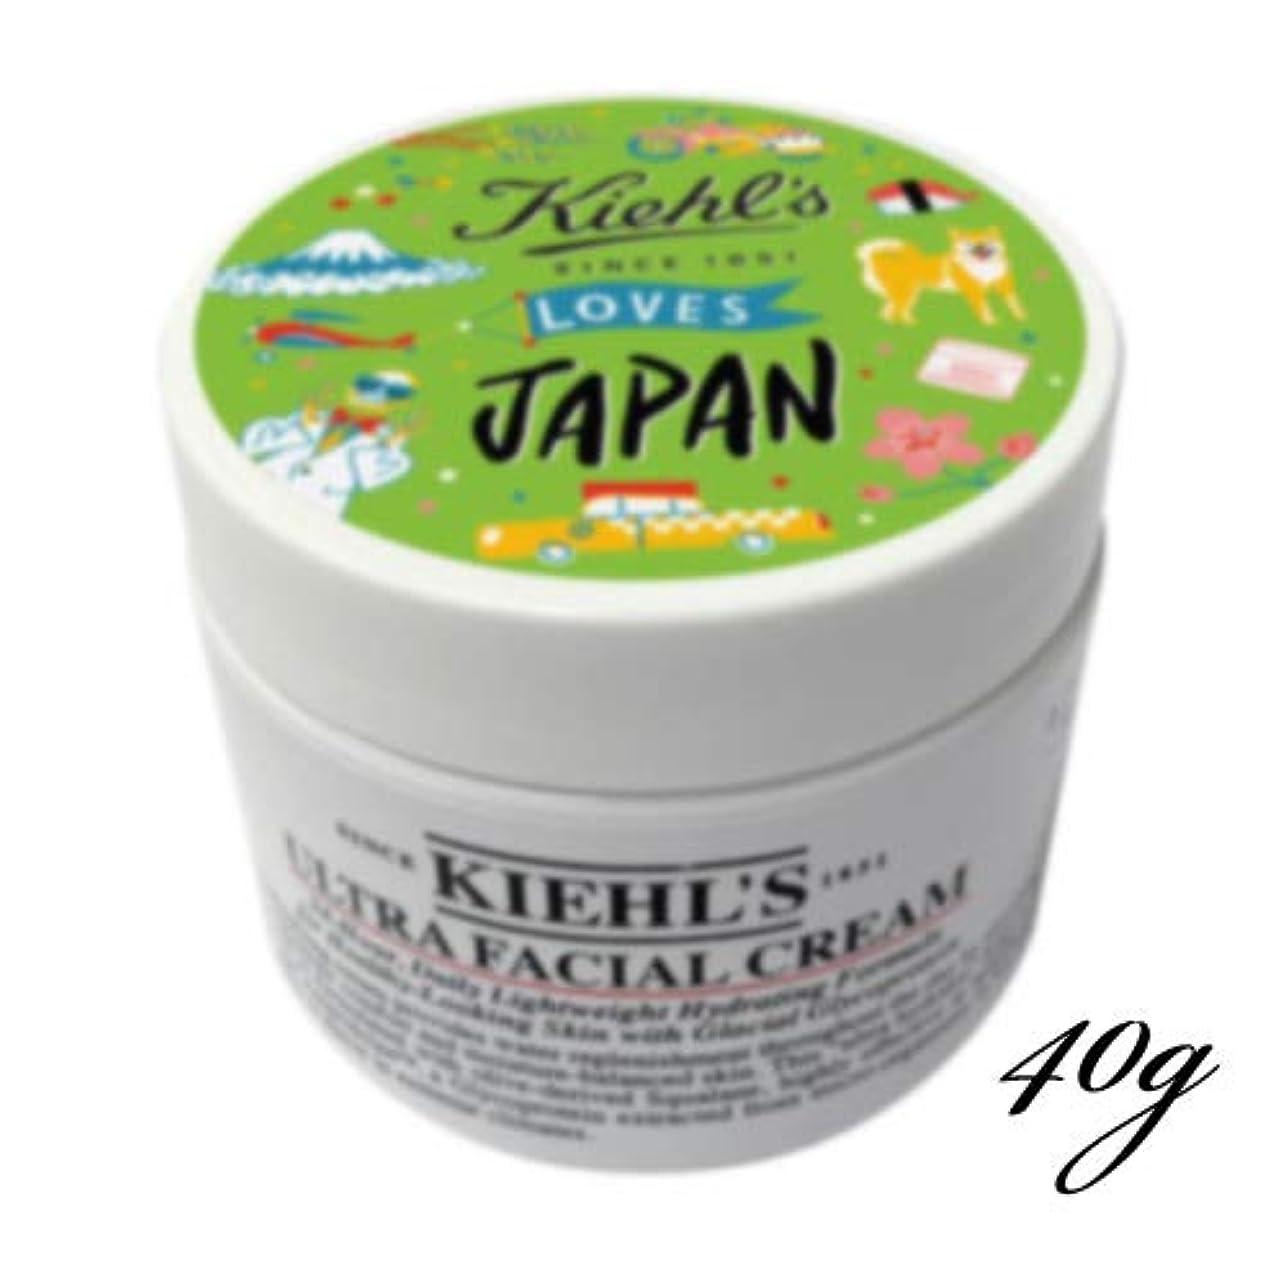 解放する勝者補体Kiehl's(キールズ) キールズ クリーム UFC (Kiehl's loves JAPAN限定 エディション) 49g